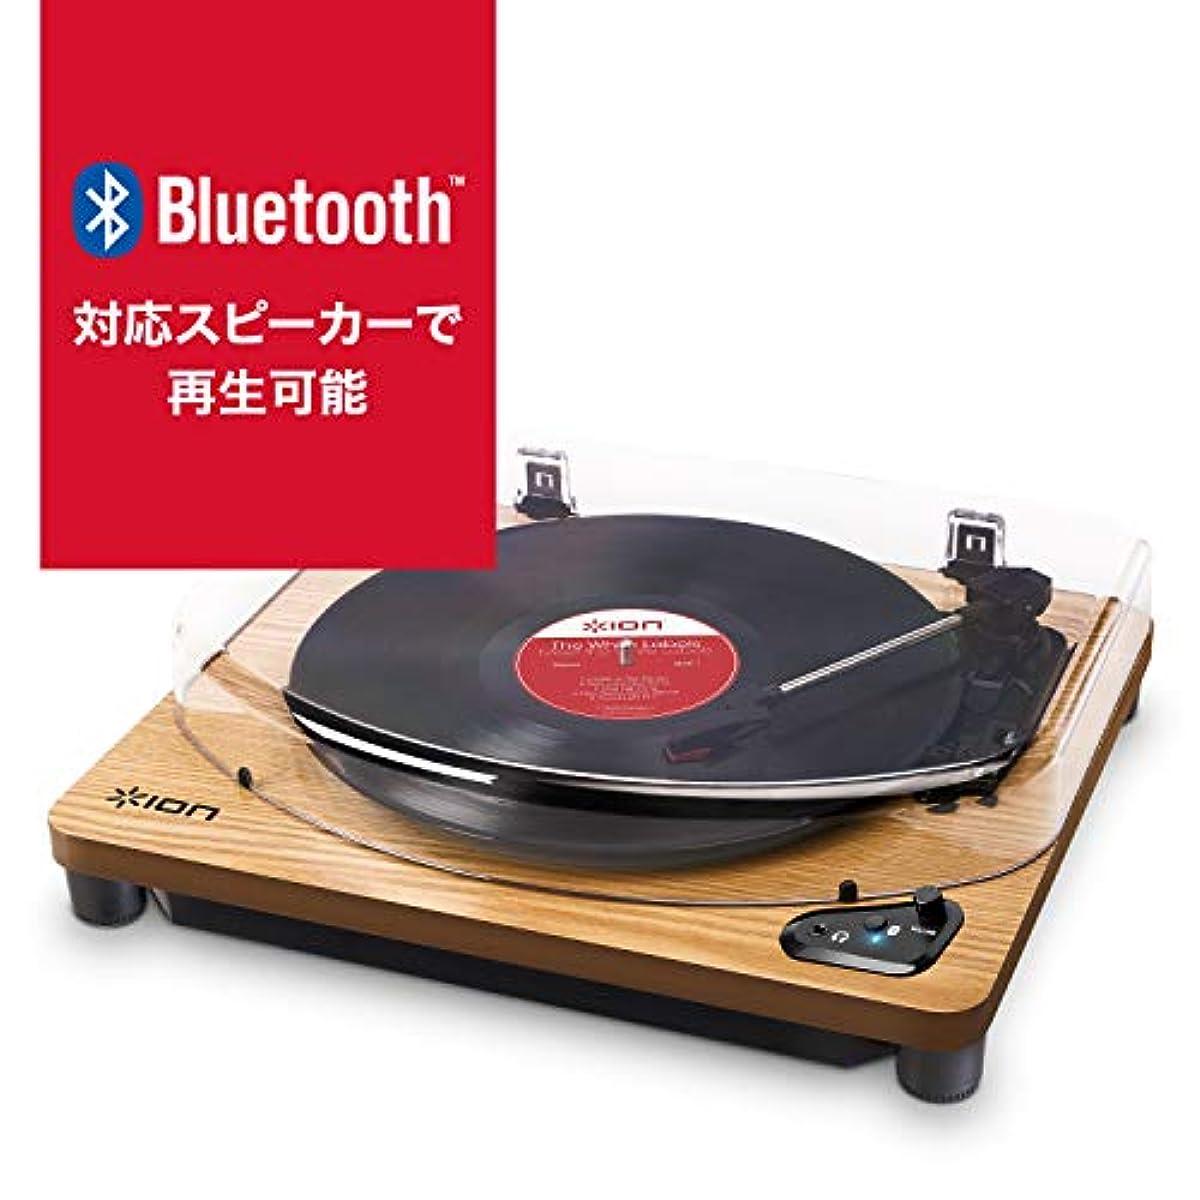 [해외] ION Audio Air LP 레코드 플레이어 (2색상)